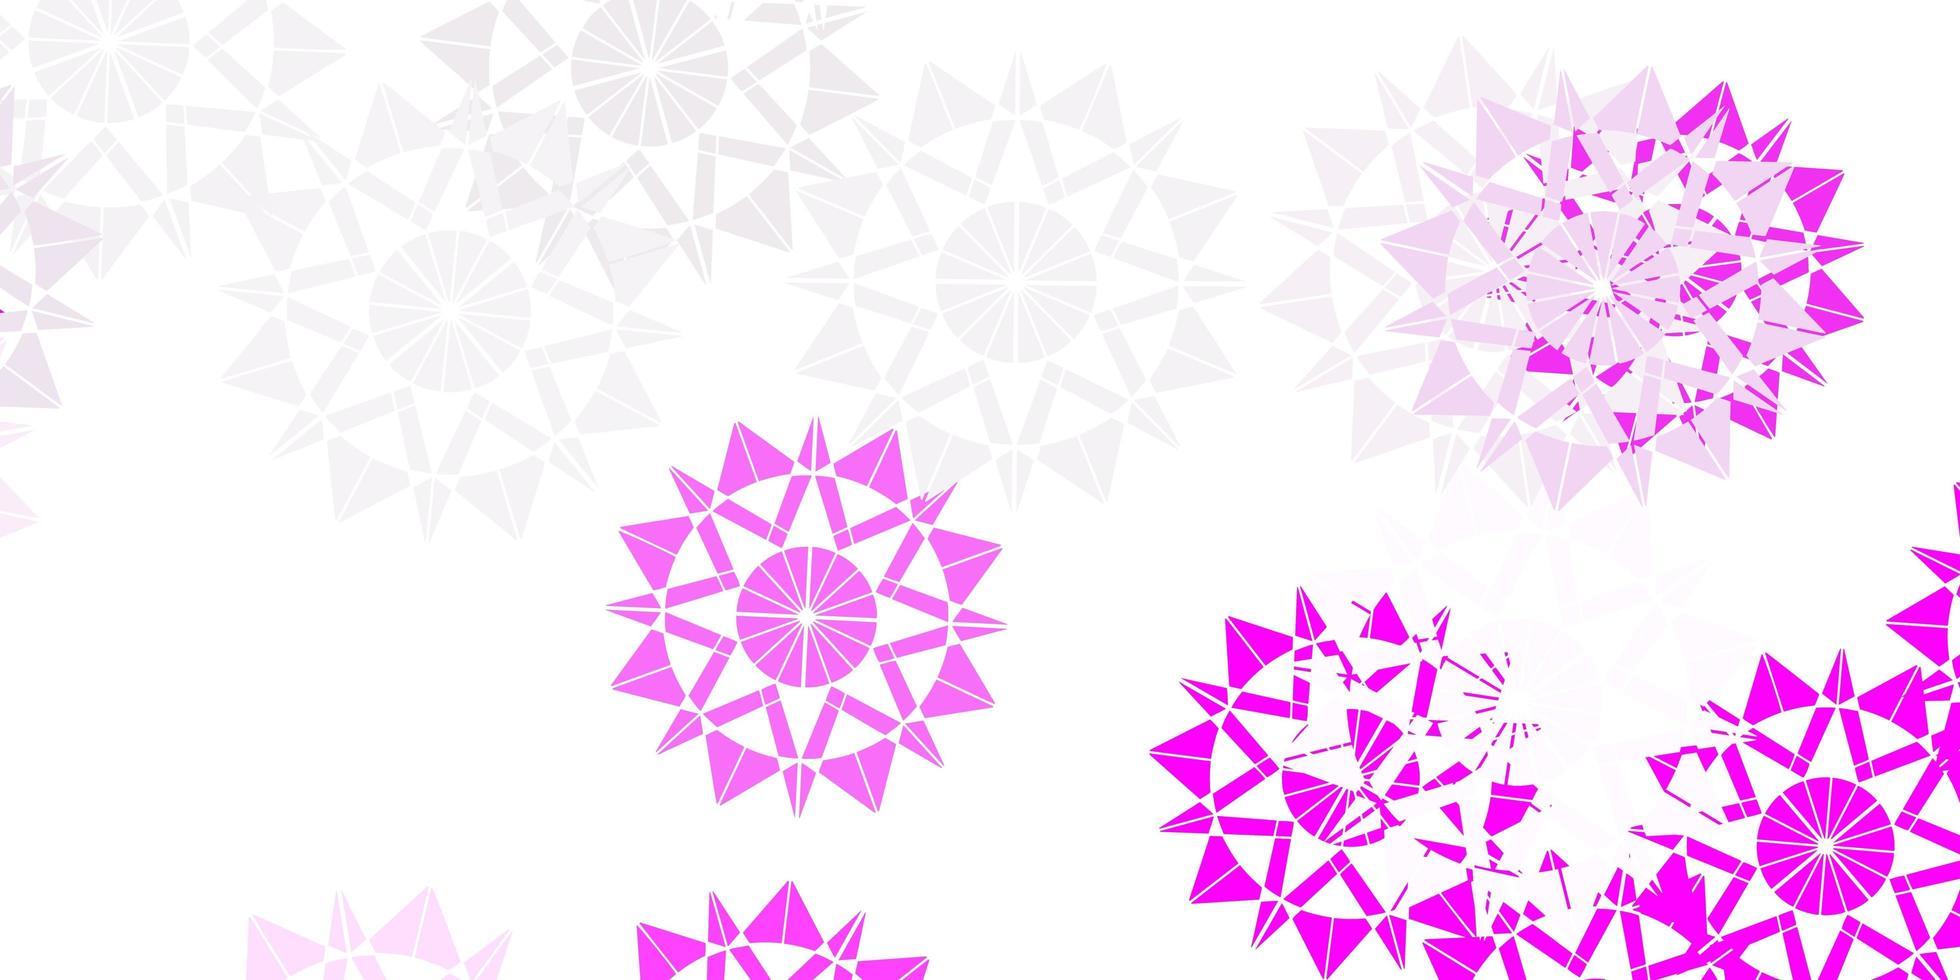 fond de vecteur rose clair avec des flocons de neige de Noël.